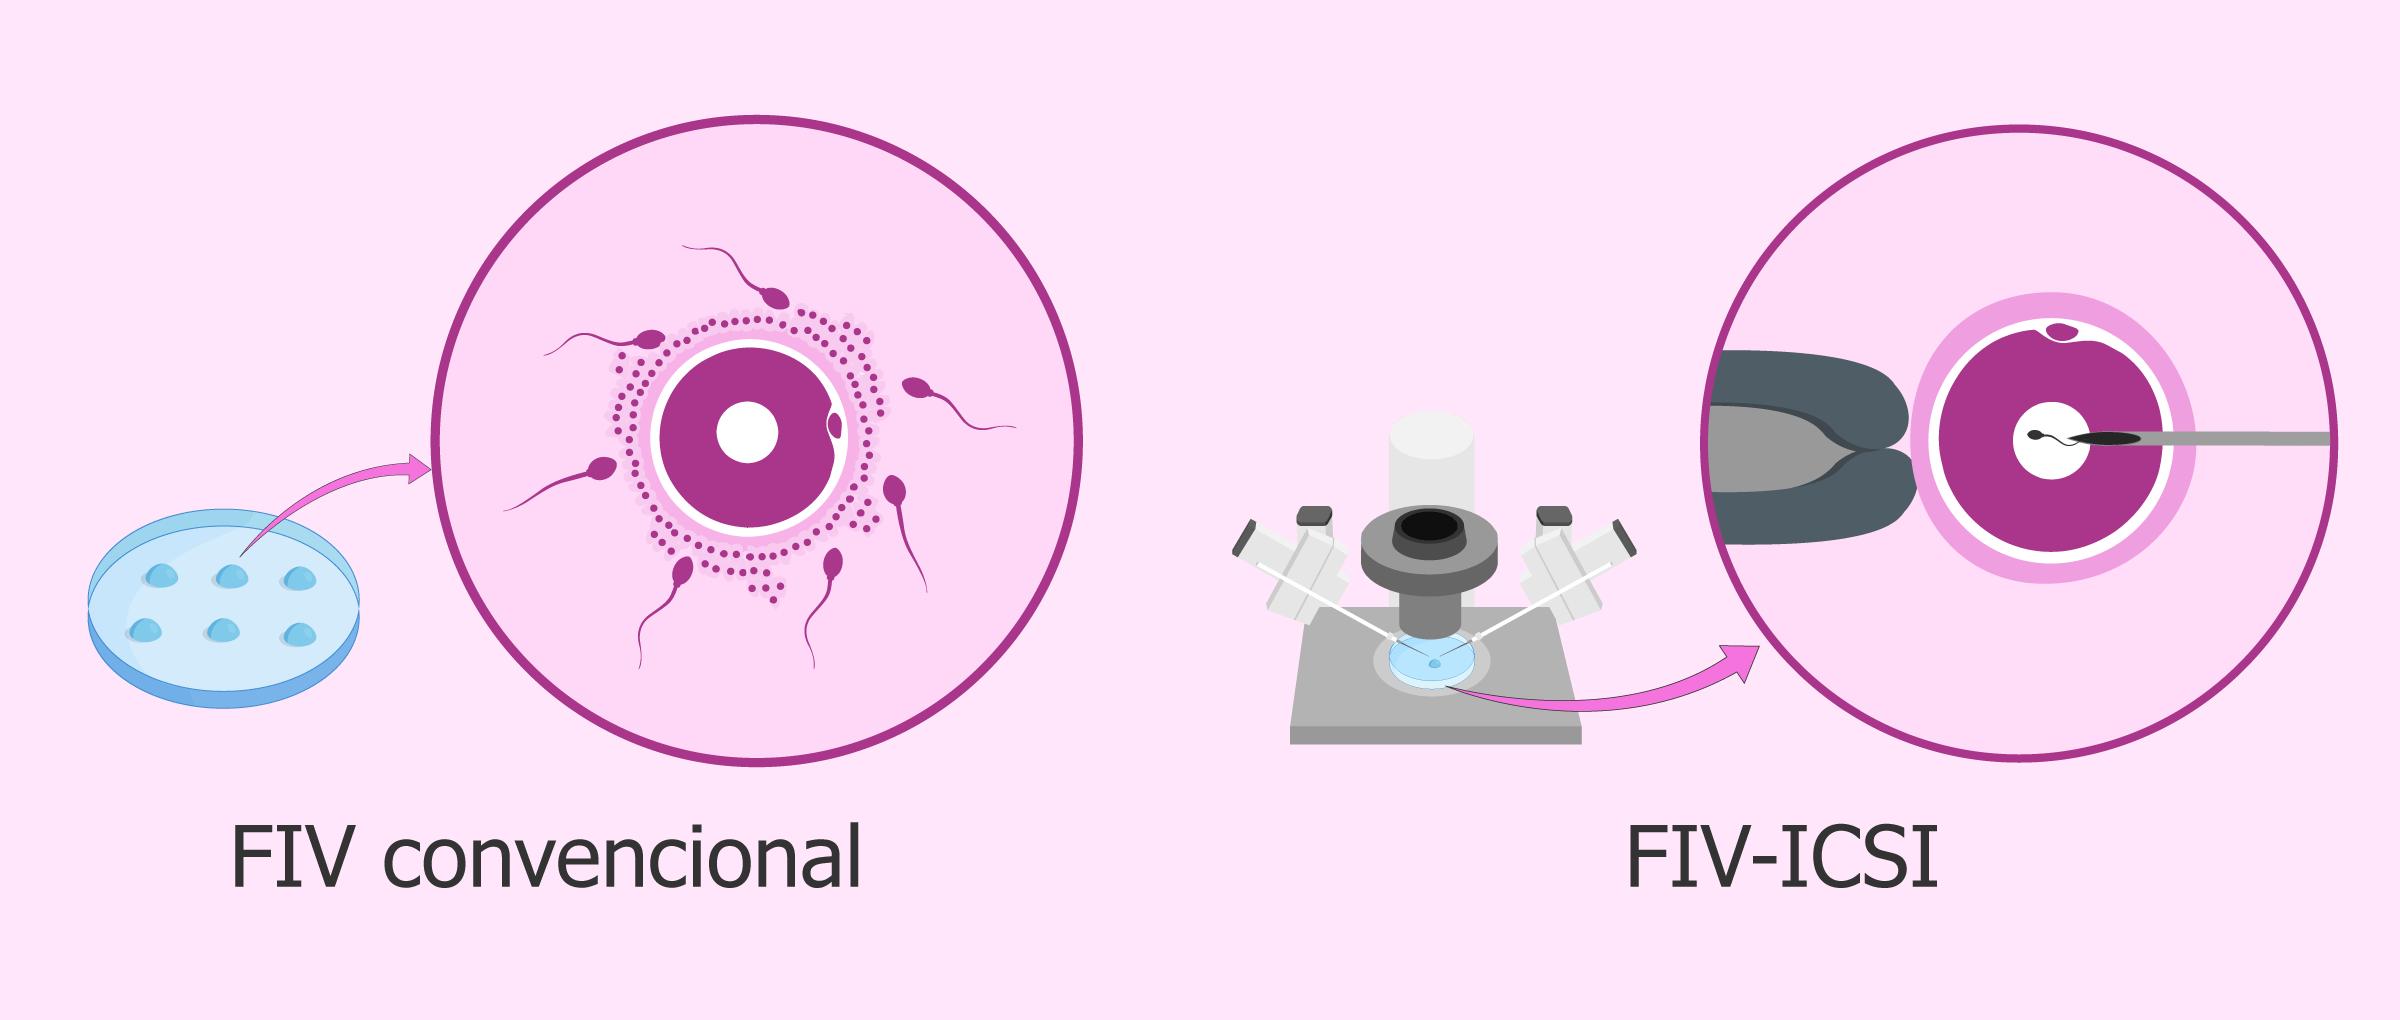 terapias de reproducción asistida : FIV vs ICSI